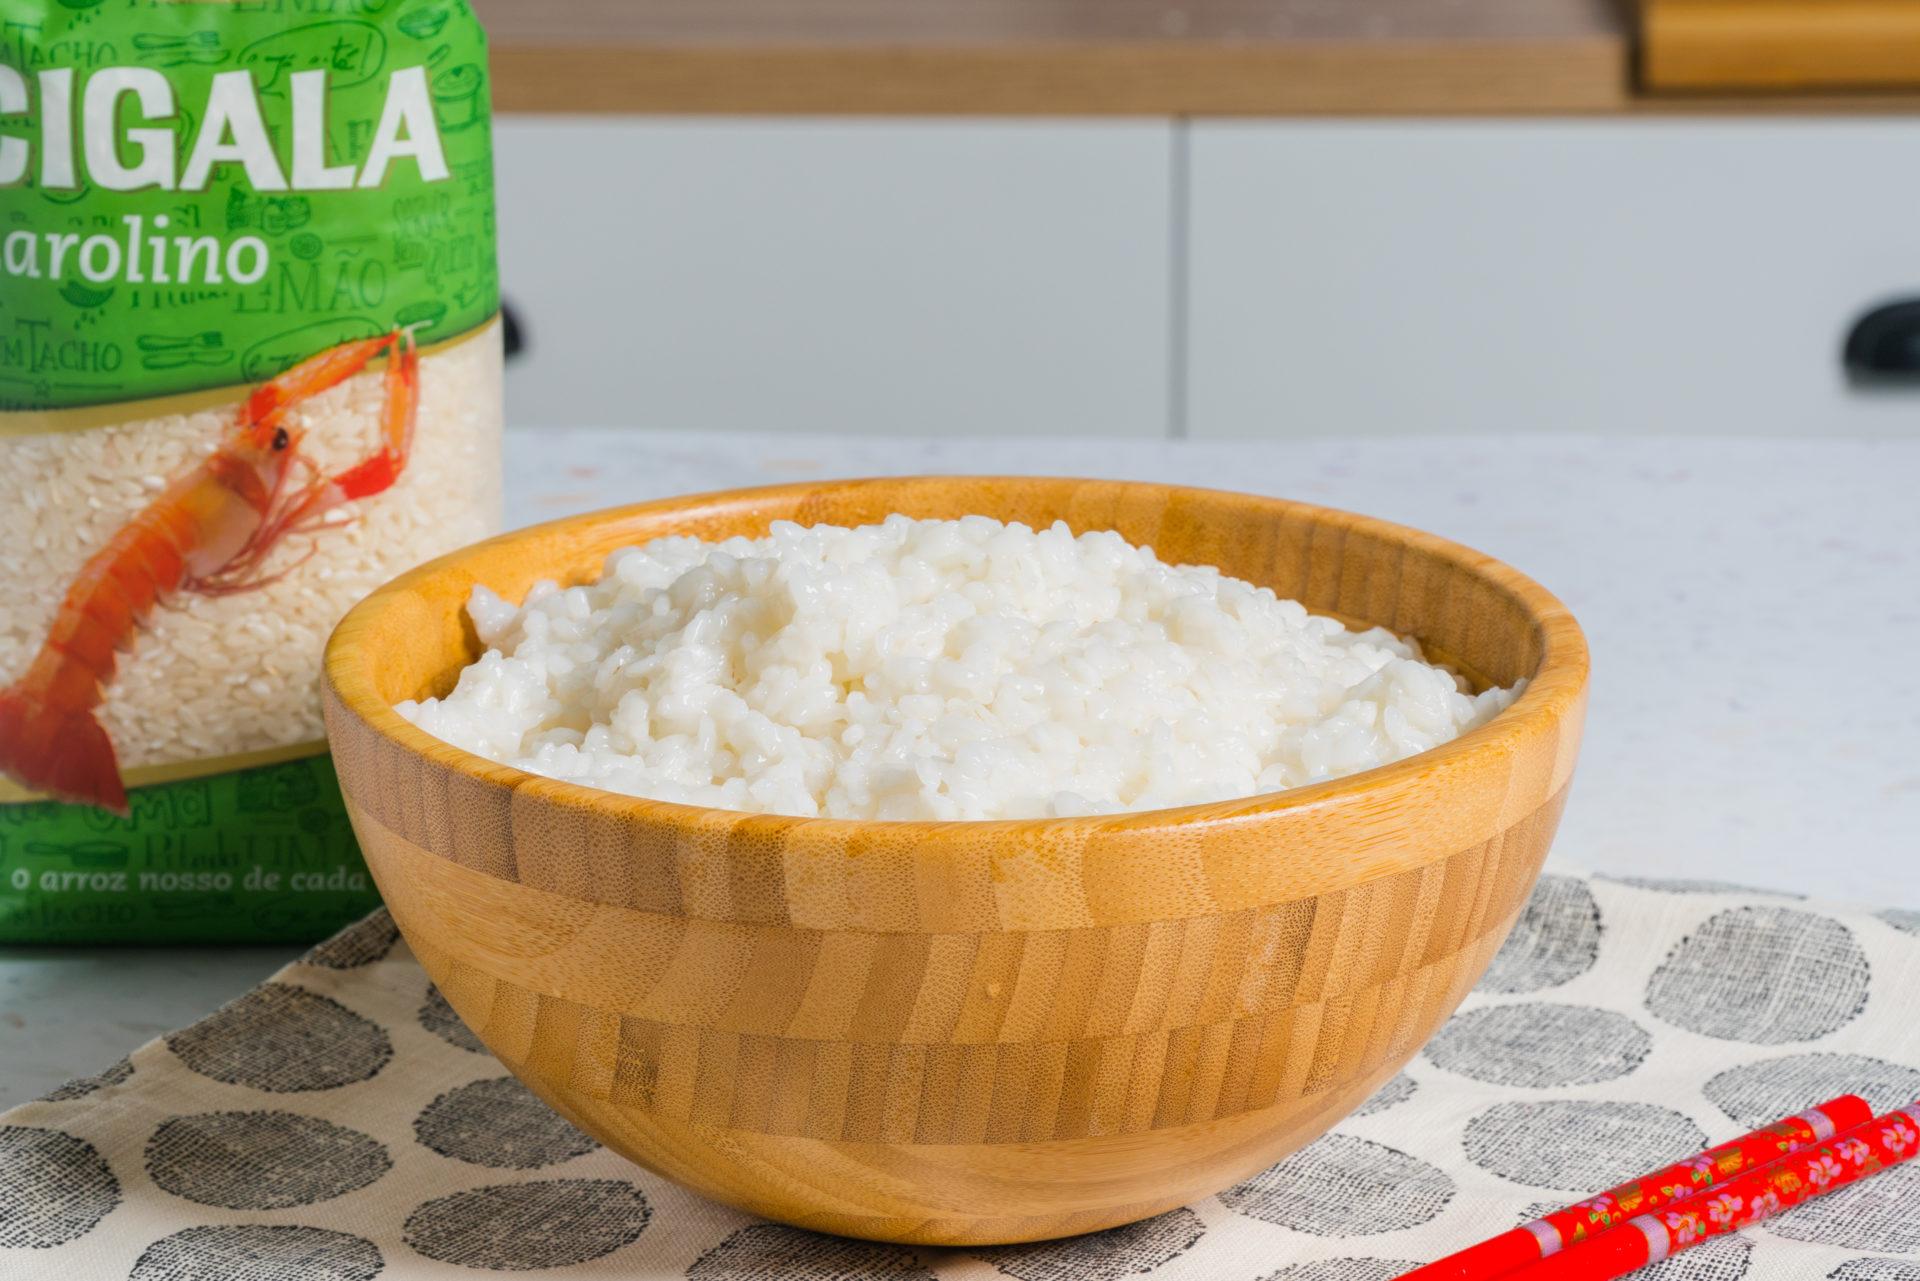 arroz para sushi com embalagem de arroz agulha cigala ao lado